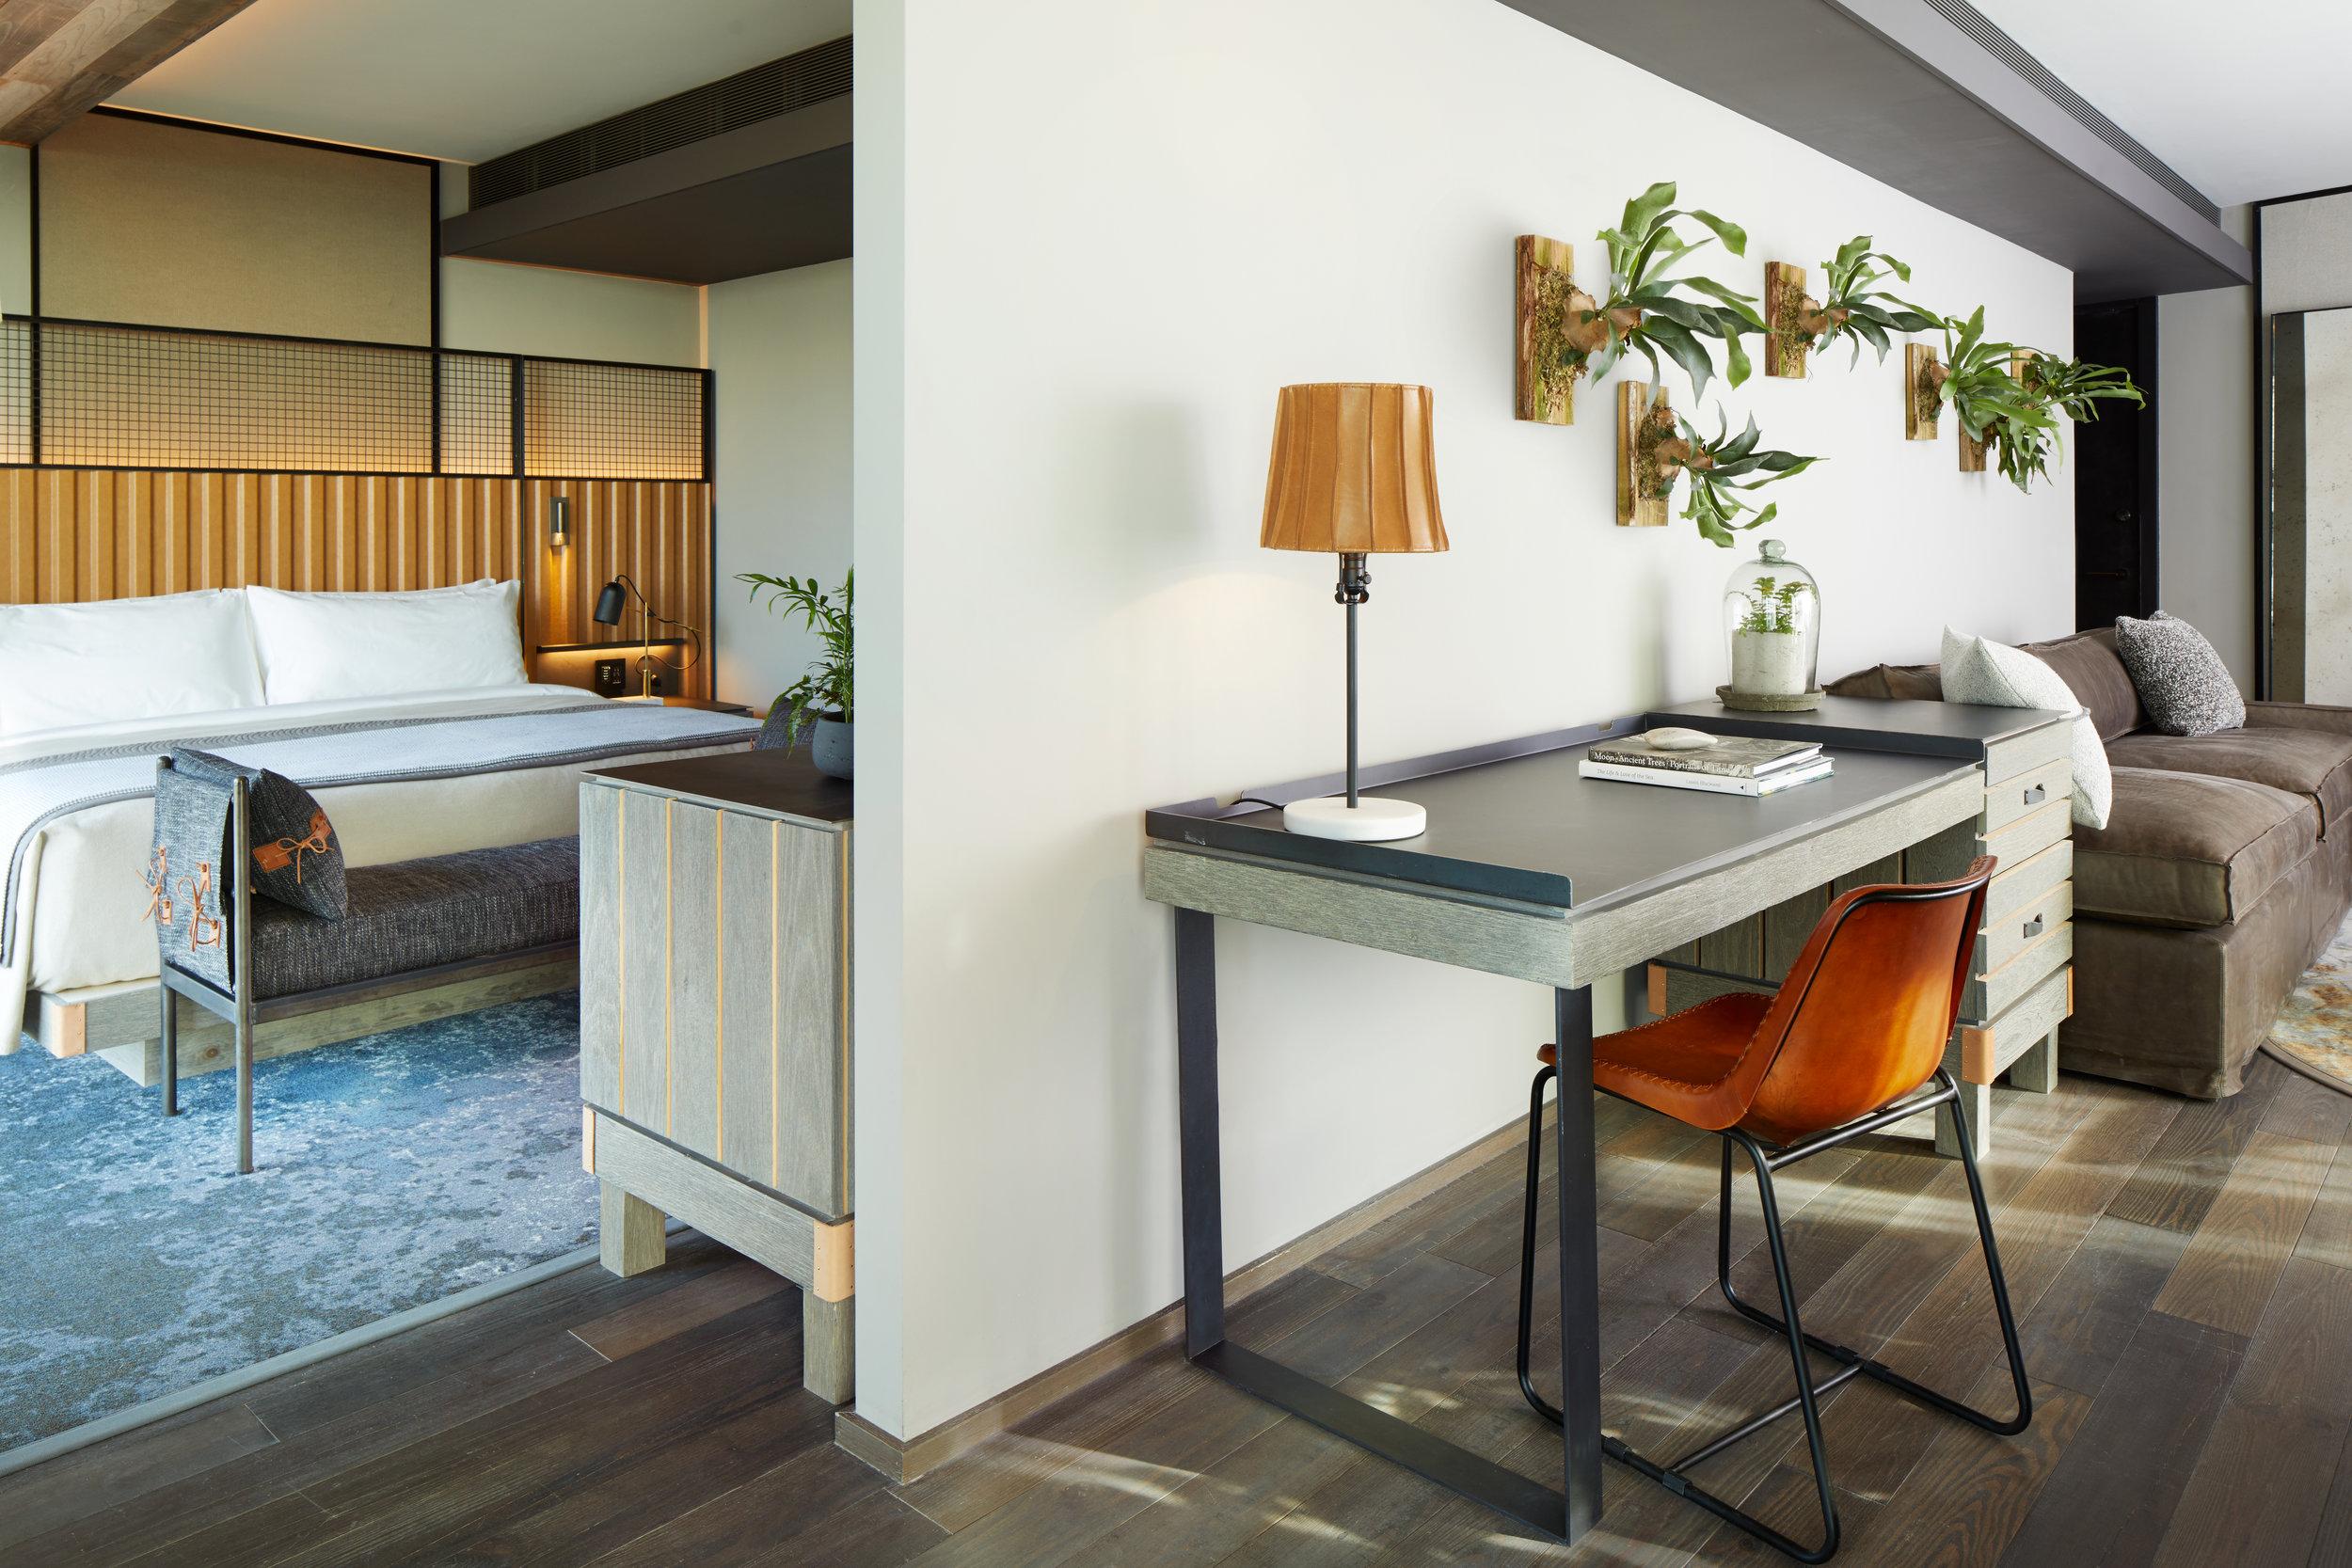 1_Hotel_Brooklyn_Bridge_Suite_HI.jpg